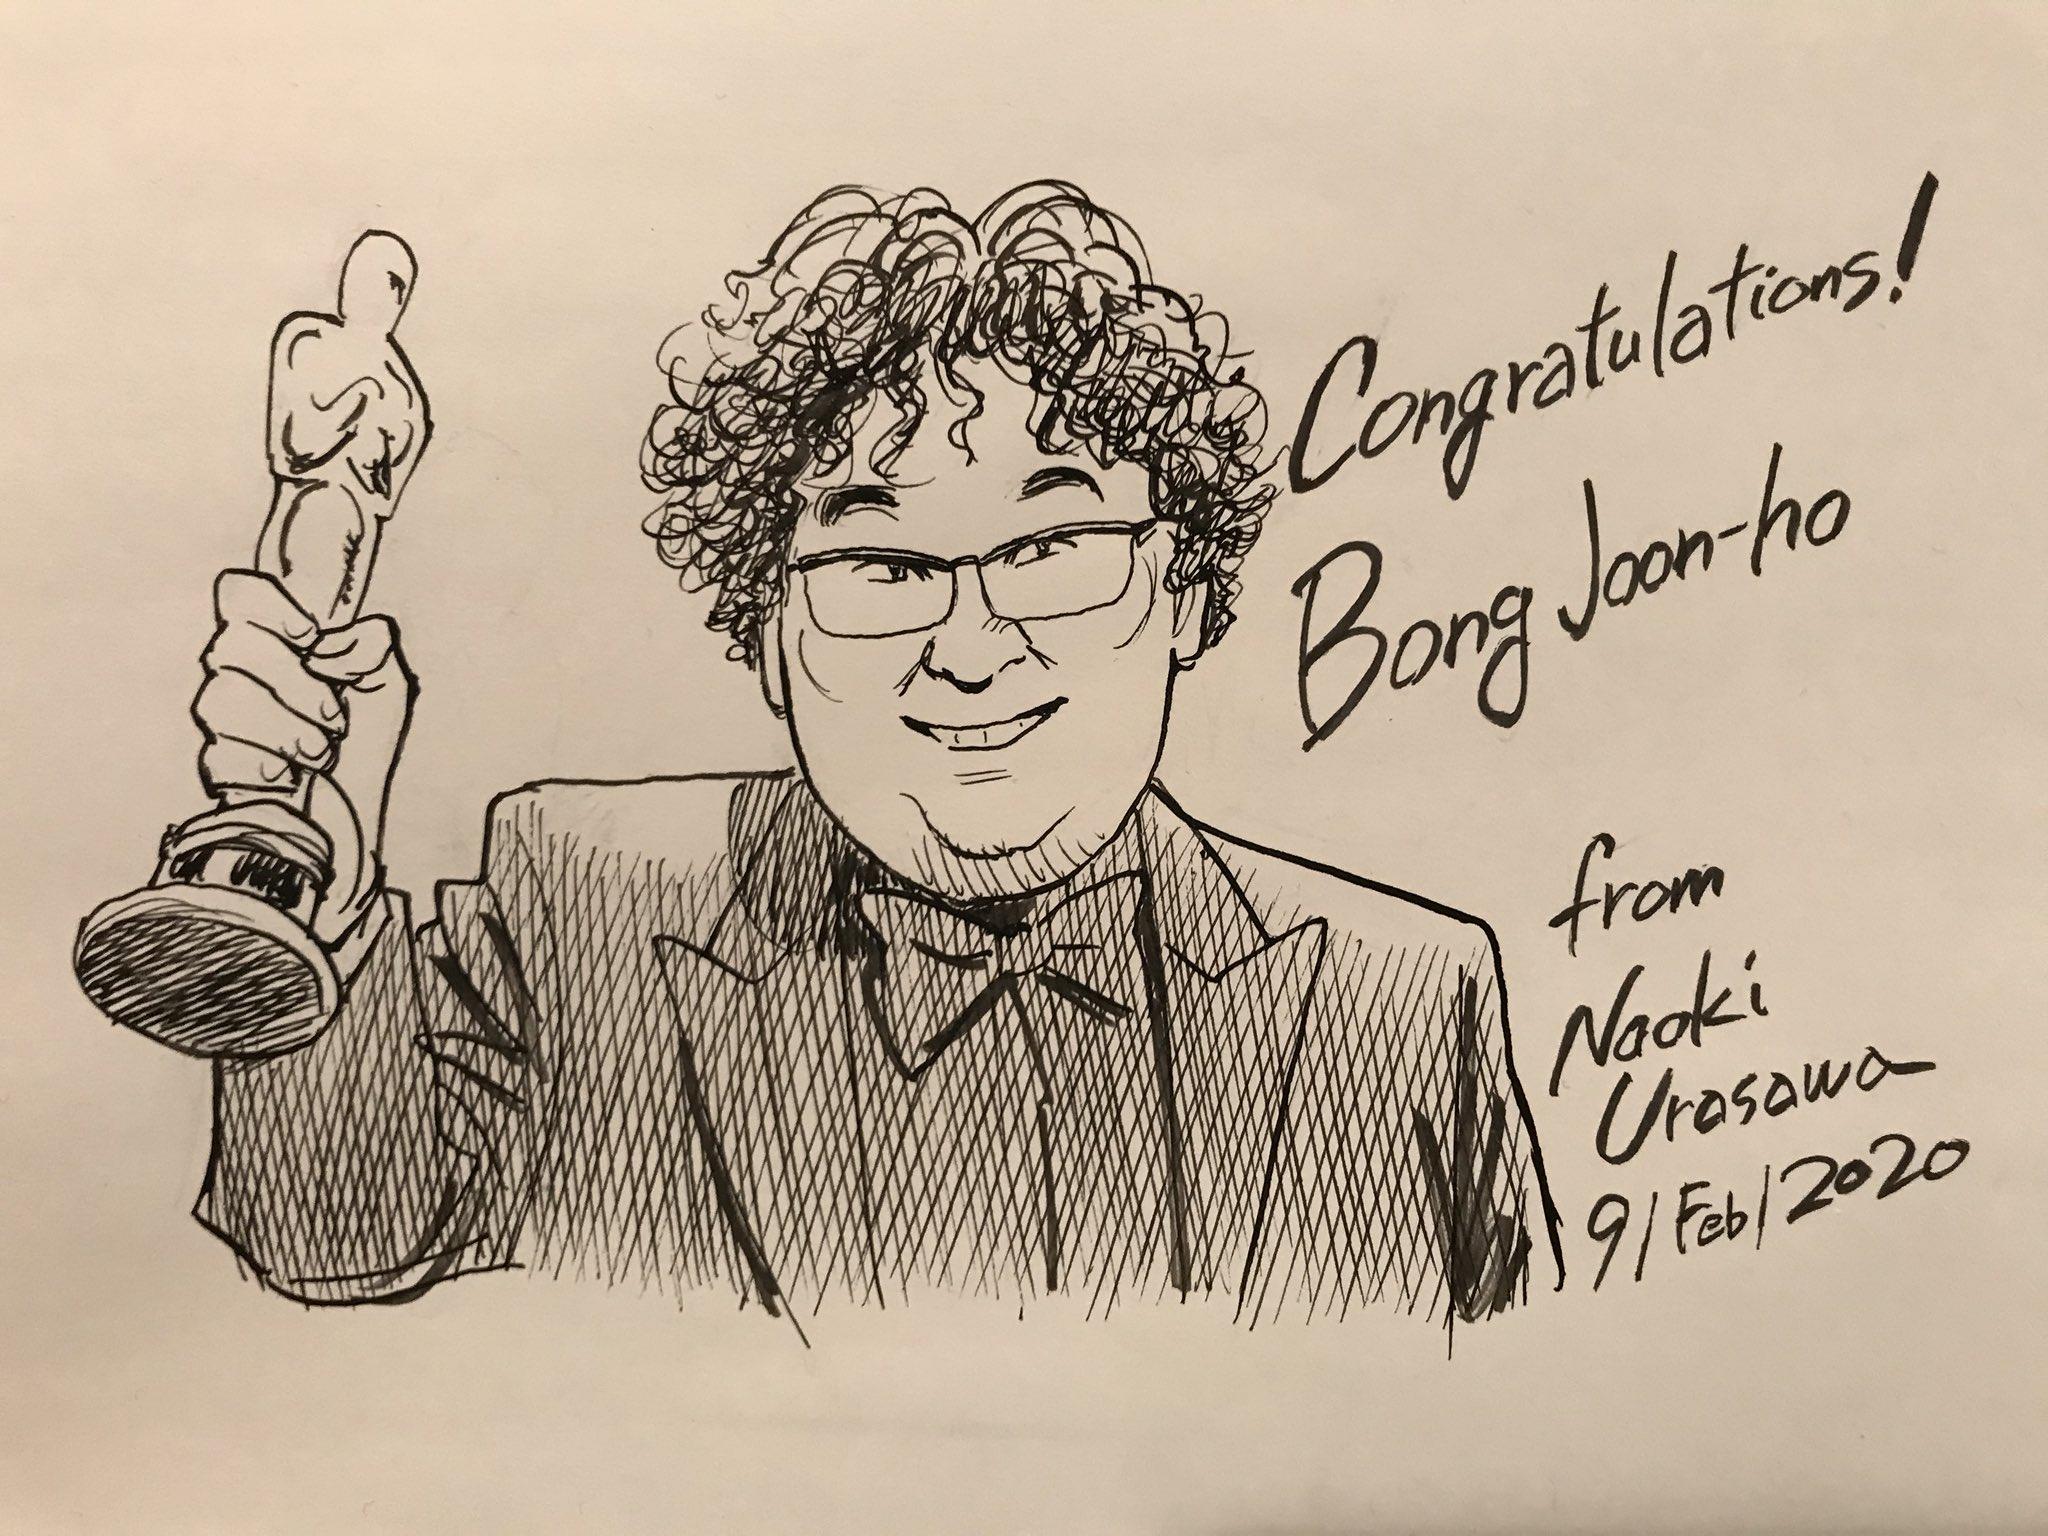 Naoki Urasawa Bong-Joon Ho